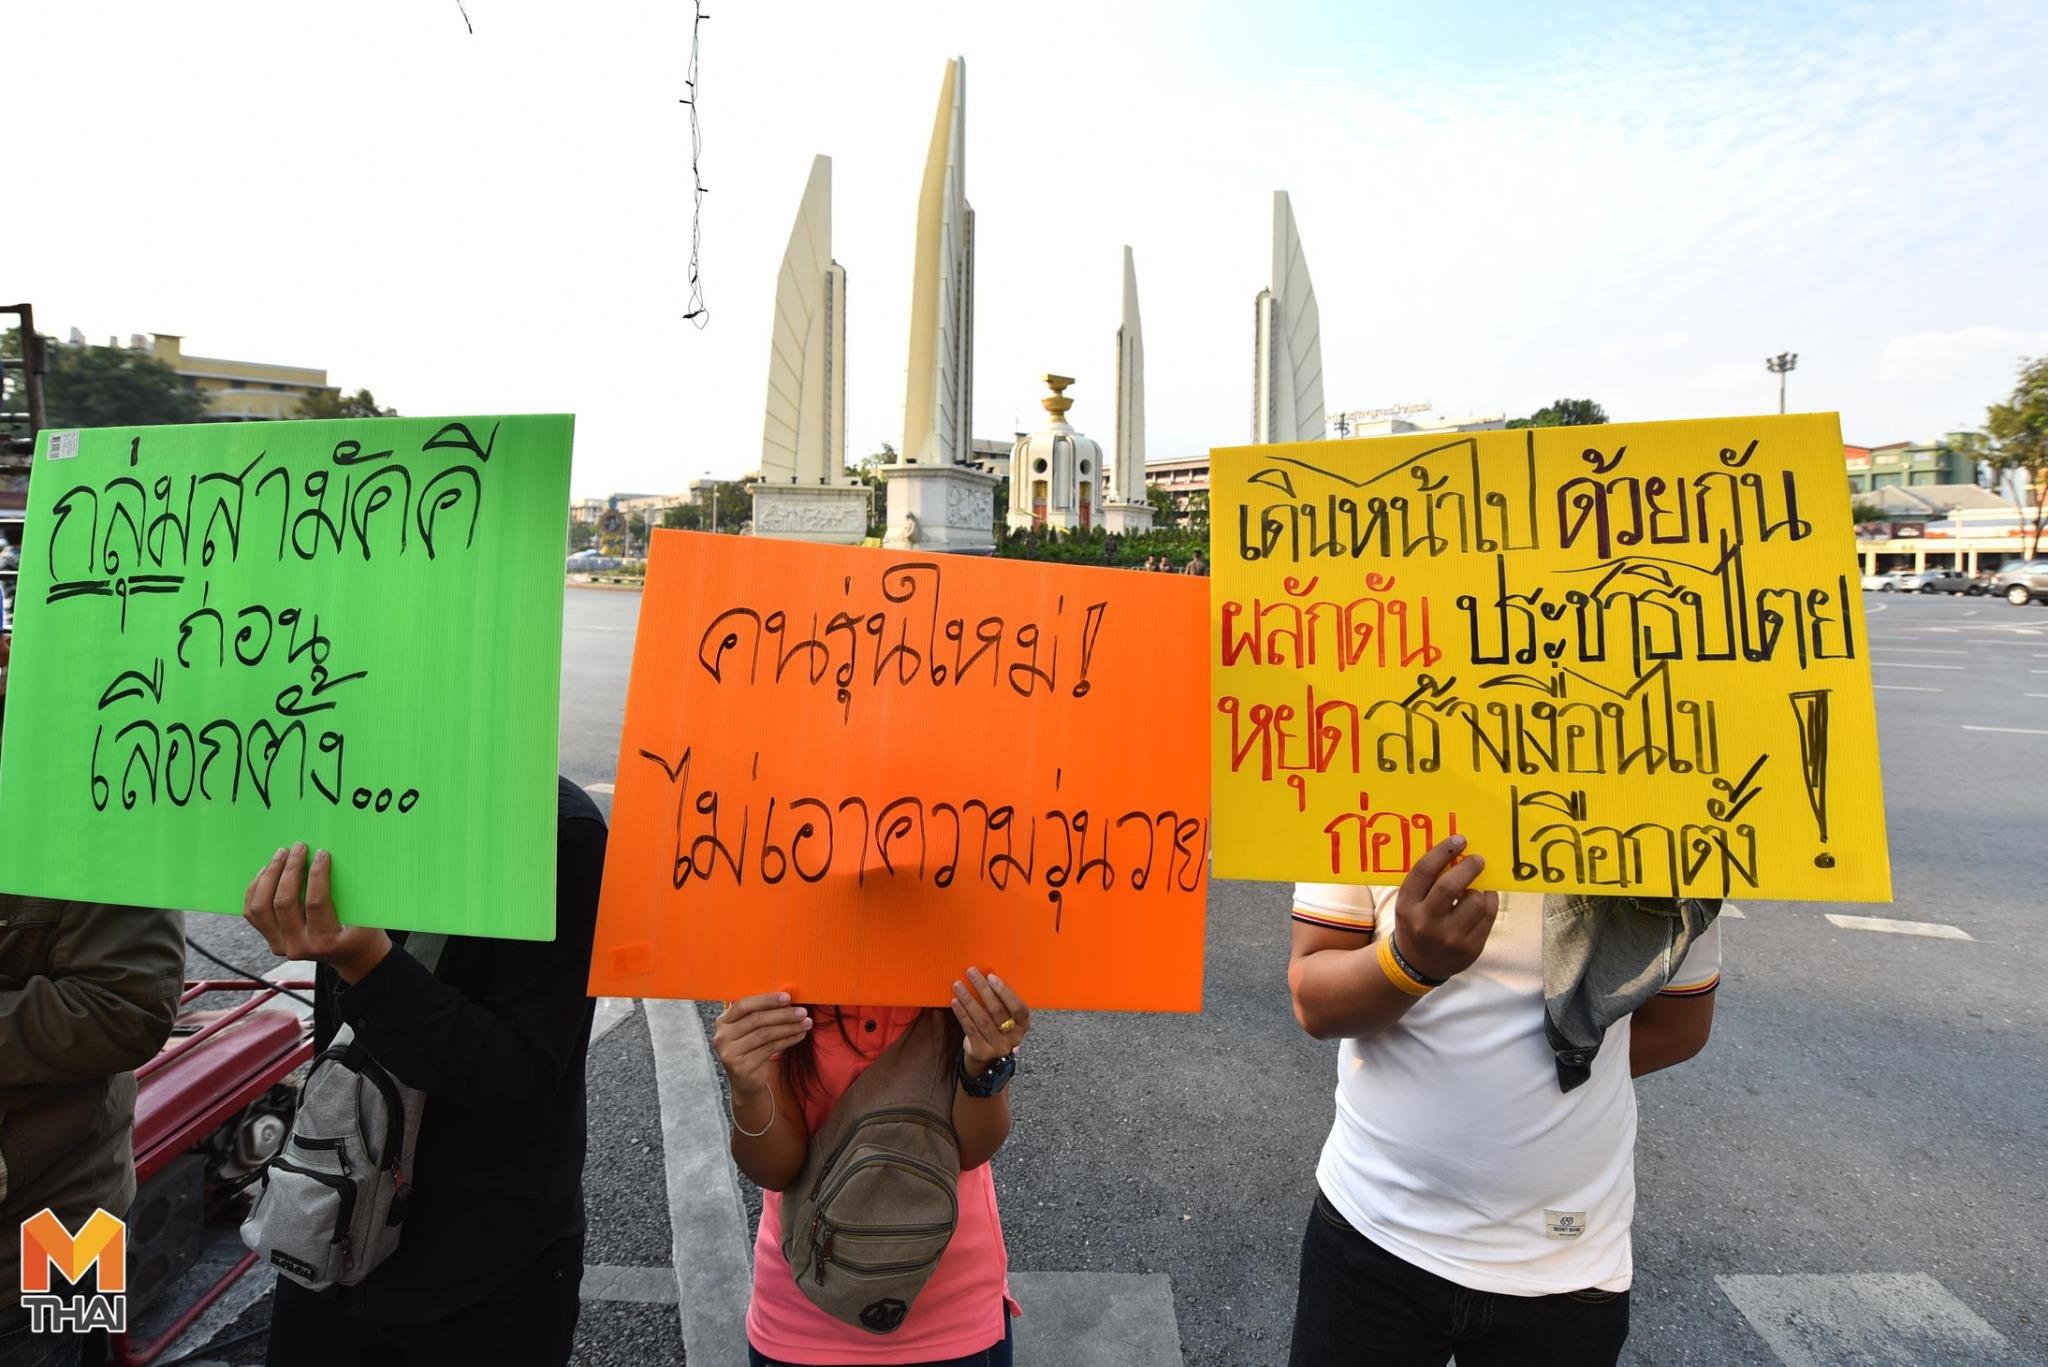 กลุ่มคนอยากเลือกตั้ง กลุ่มสามัคคีก่อนเลือกตั้ง การเมืองไทย